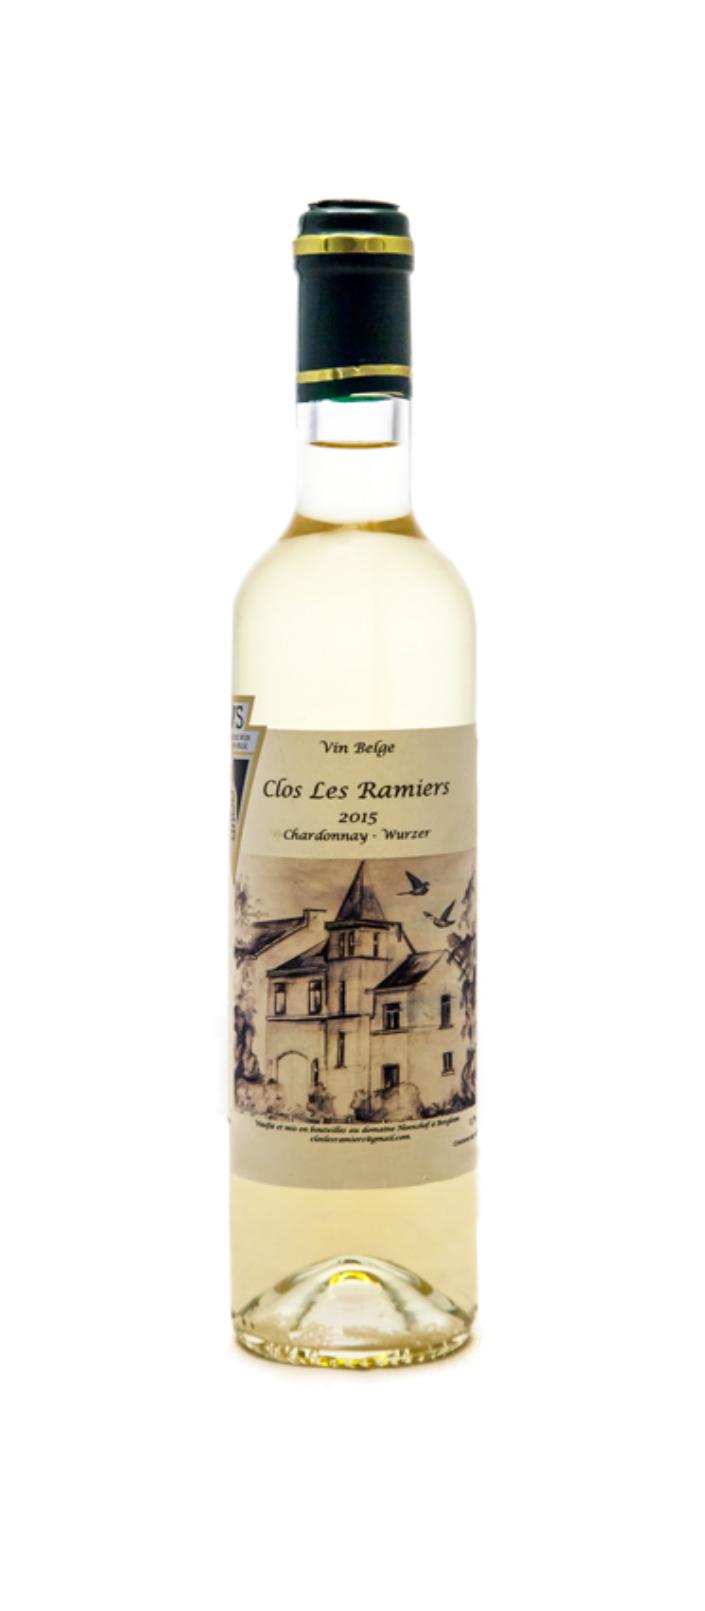 BLANC - Chardonnay Wurzer 2016